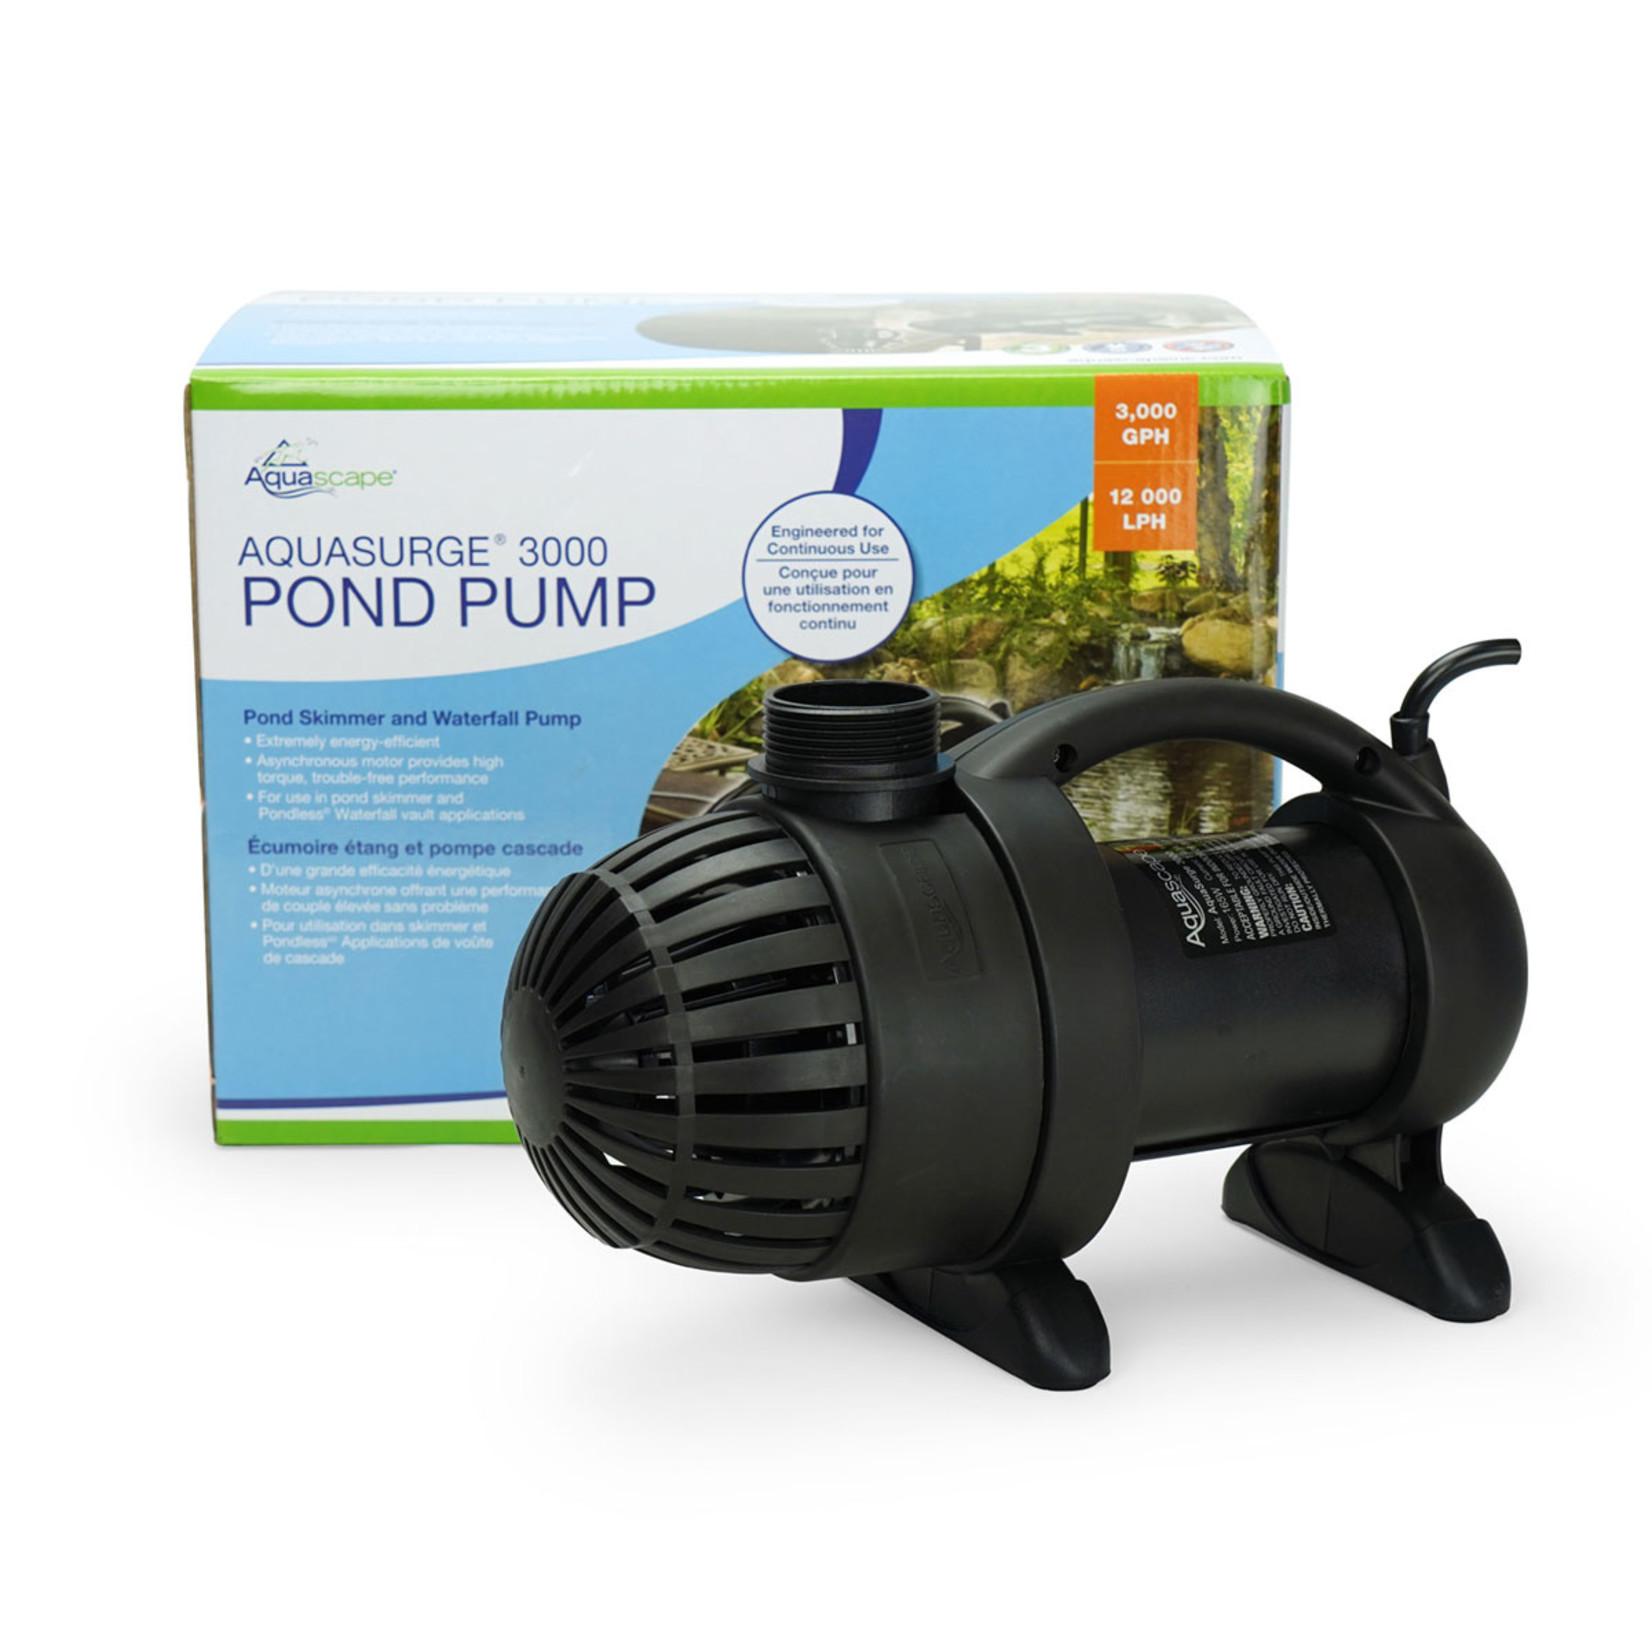 Aquascape Pompe de Bassin Aquasurge 3000